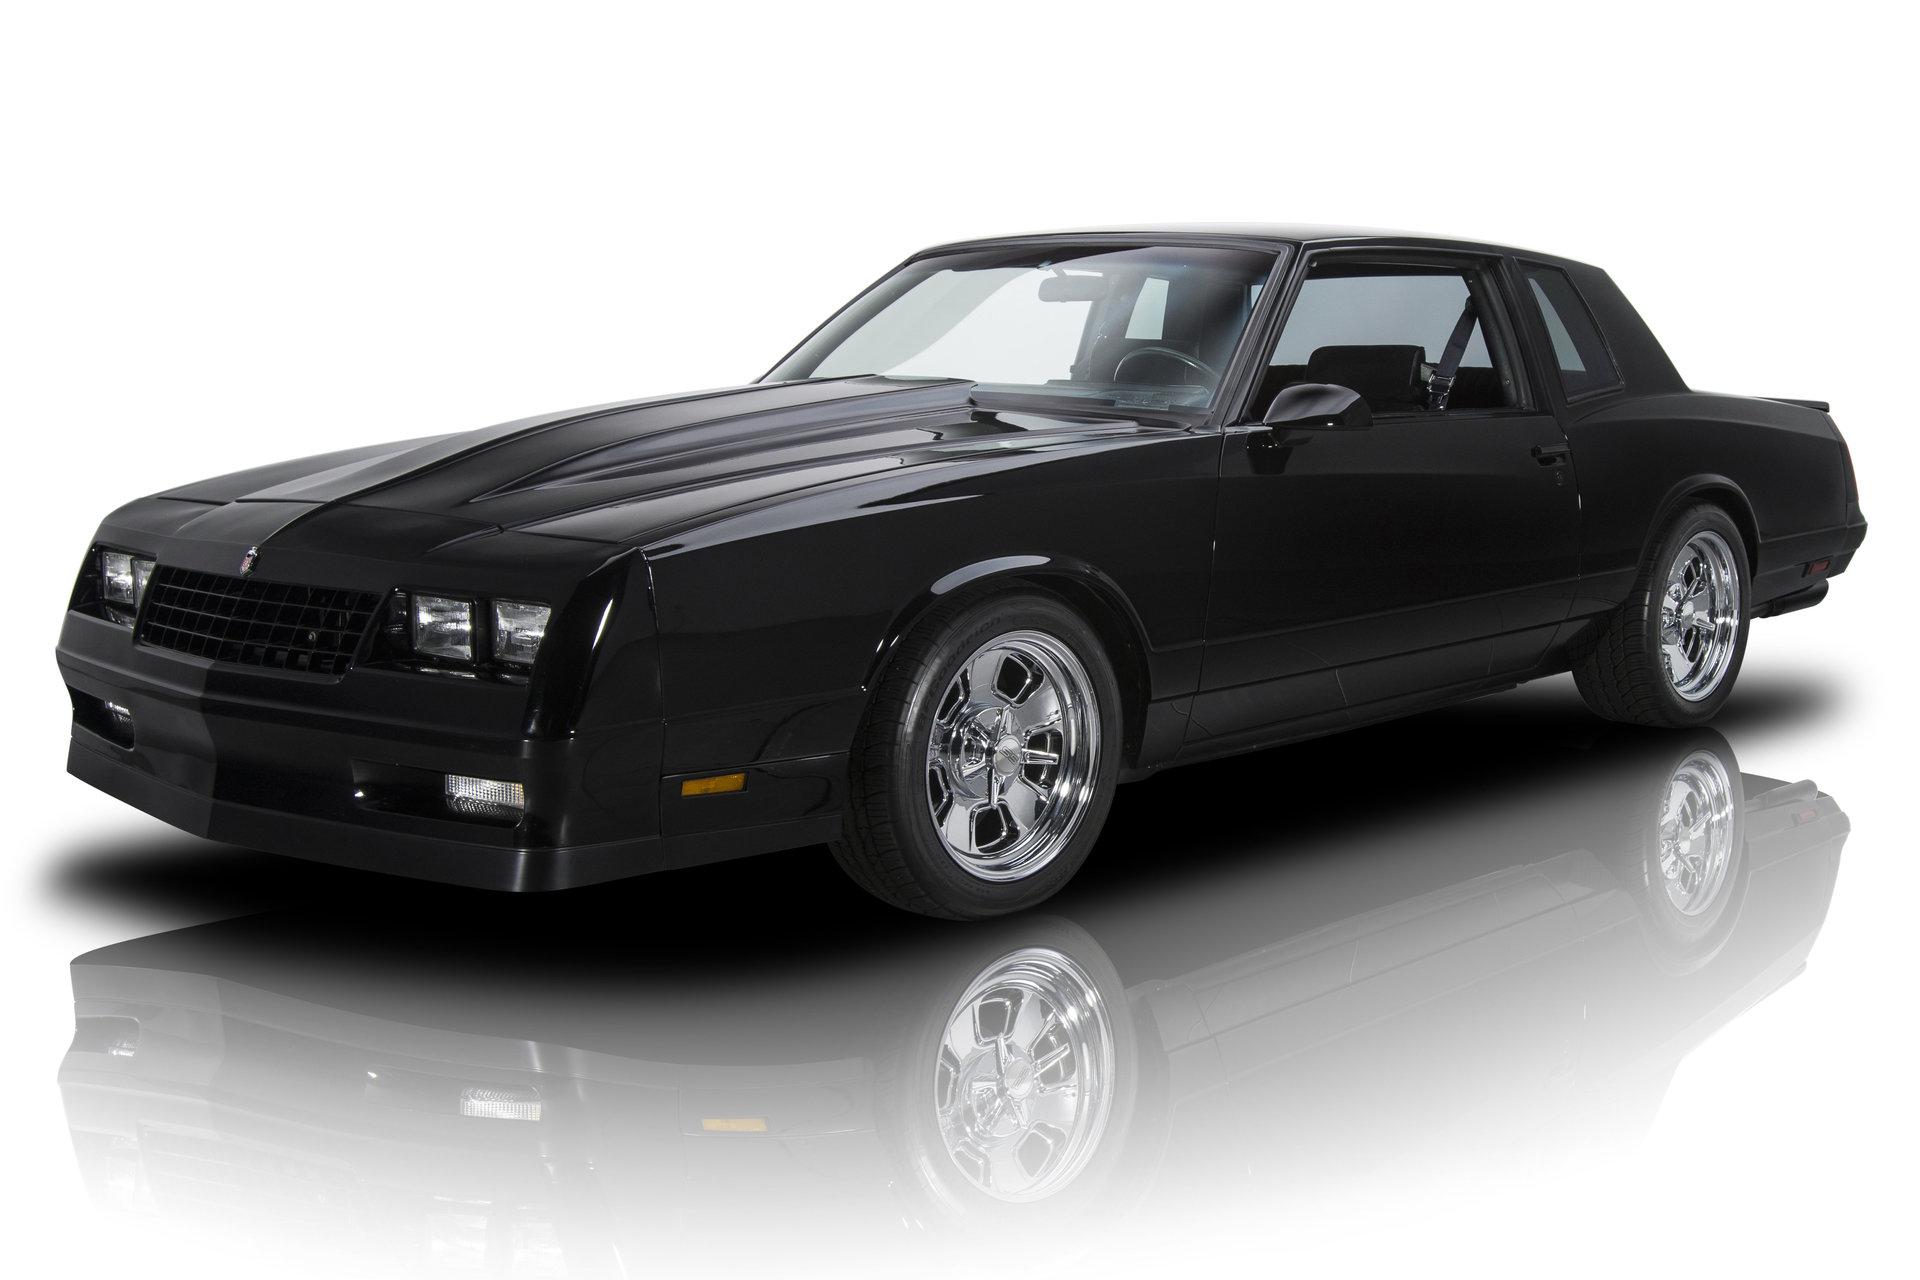 Restored Monte Carlo GM 350ci V8 5-Speed Manual A/C